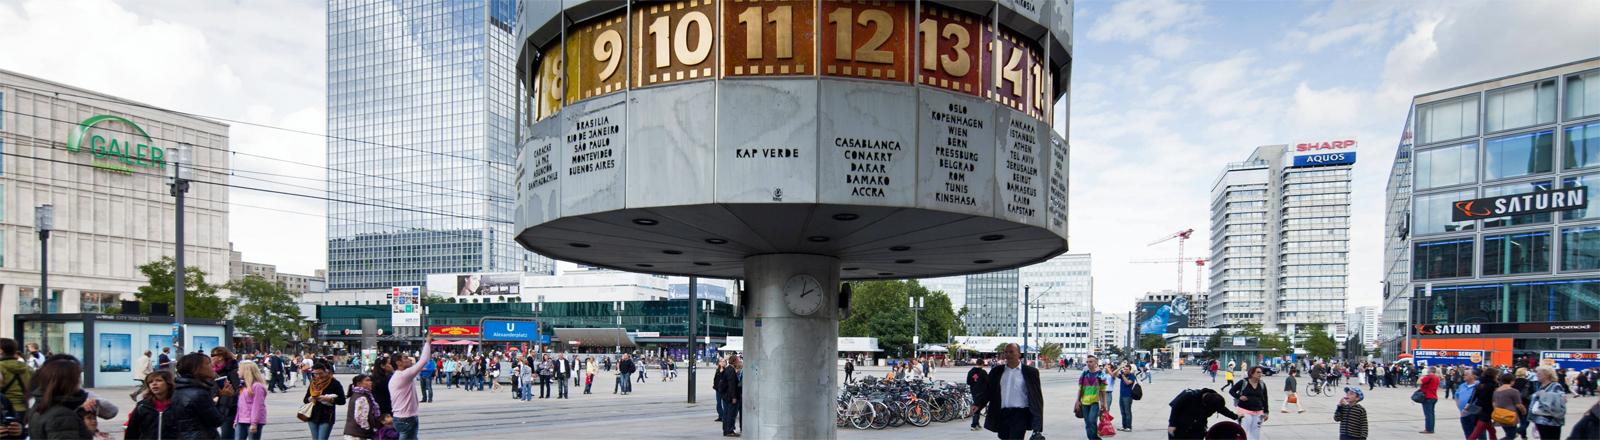 Zwei Stock   Angerer Die Weltzeituhr am Berliner Alexanderplatz